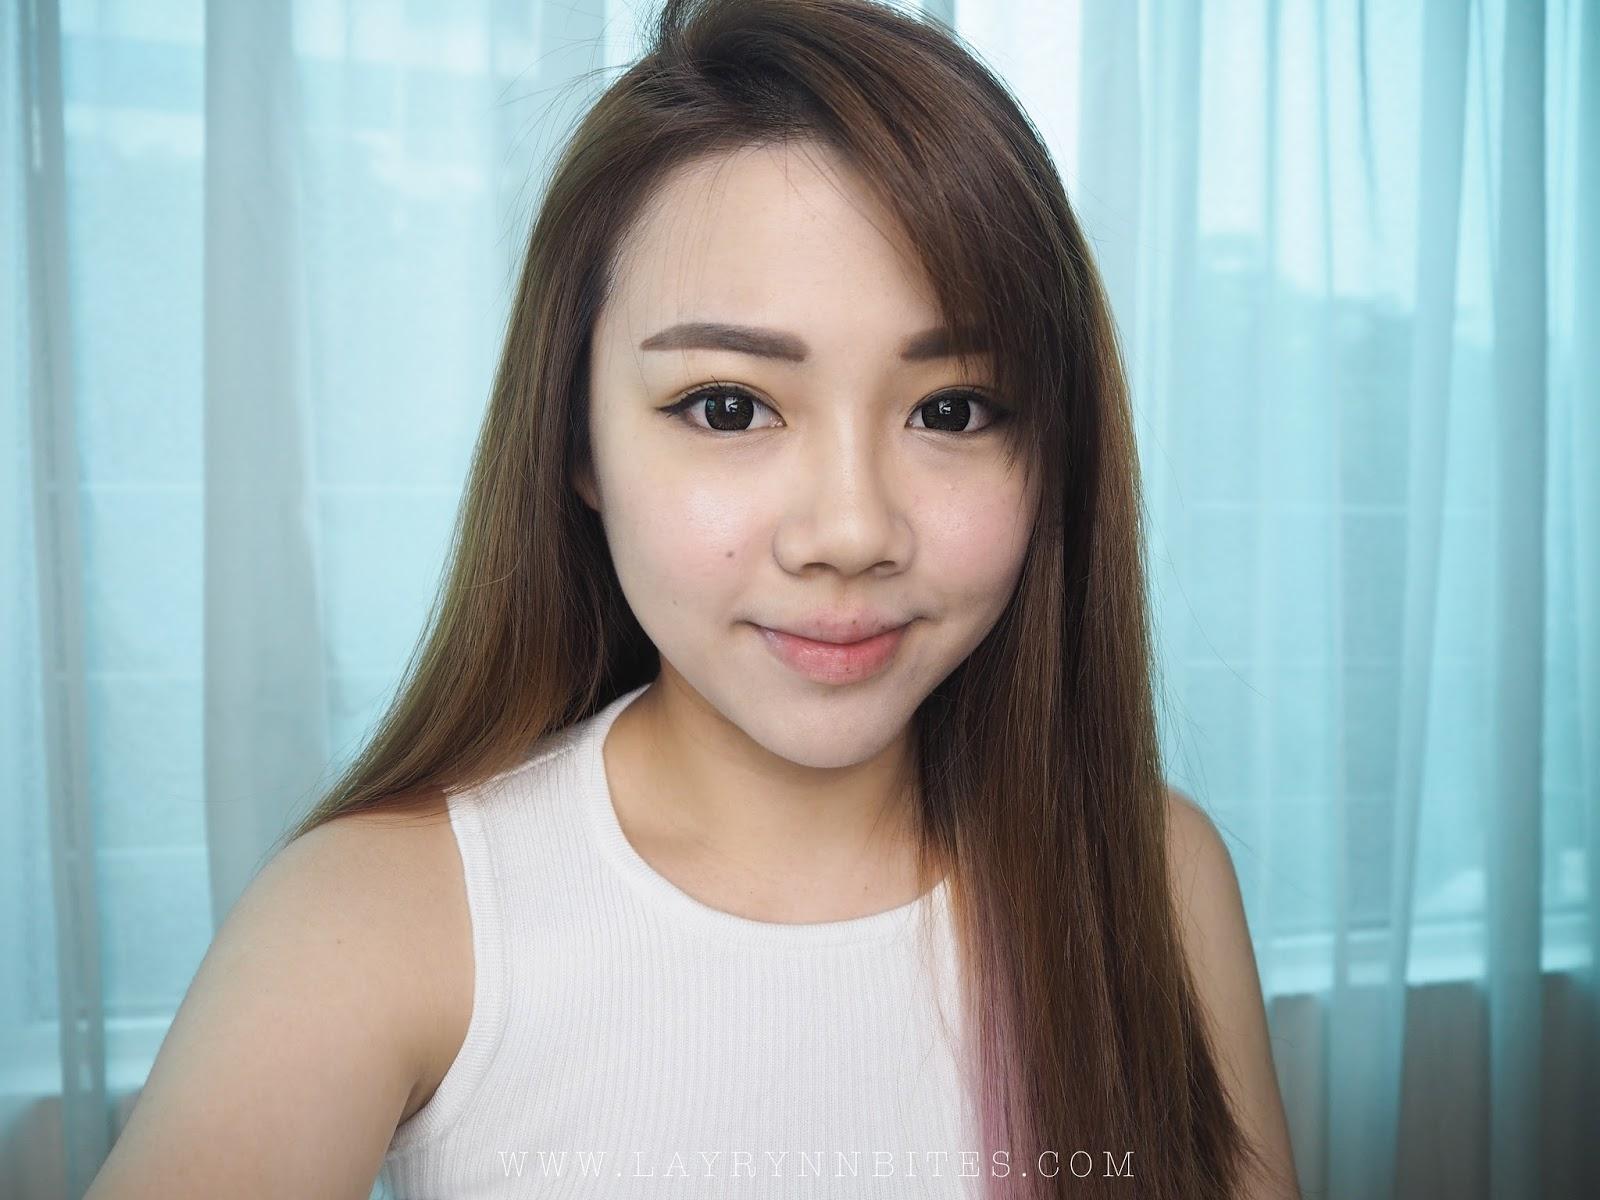 My 3d Eyebrow Embroidery Experience Carmen Layrynn Malaysia